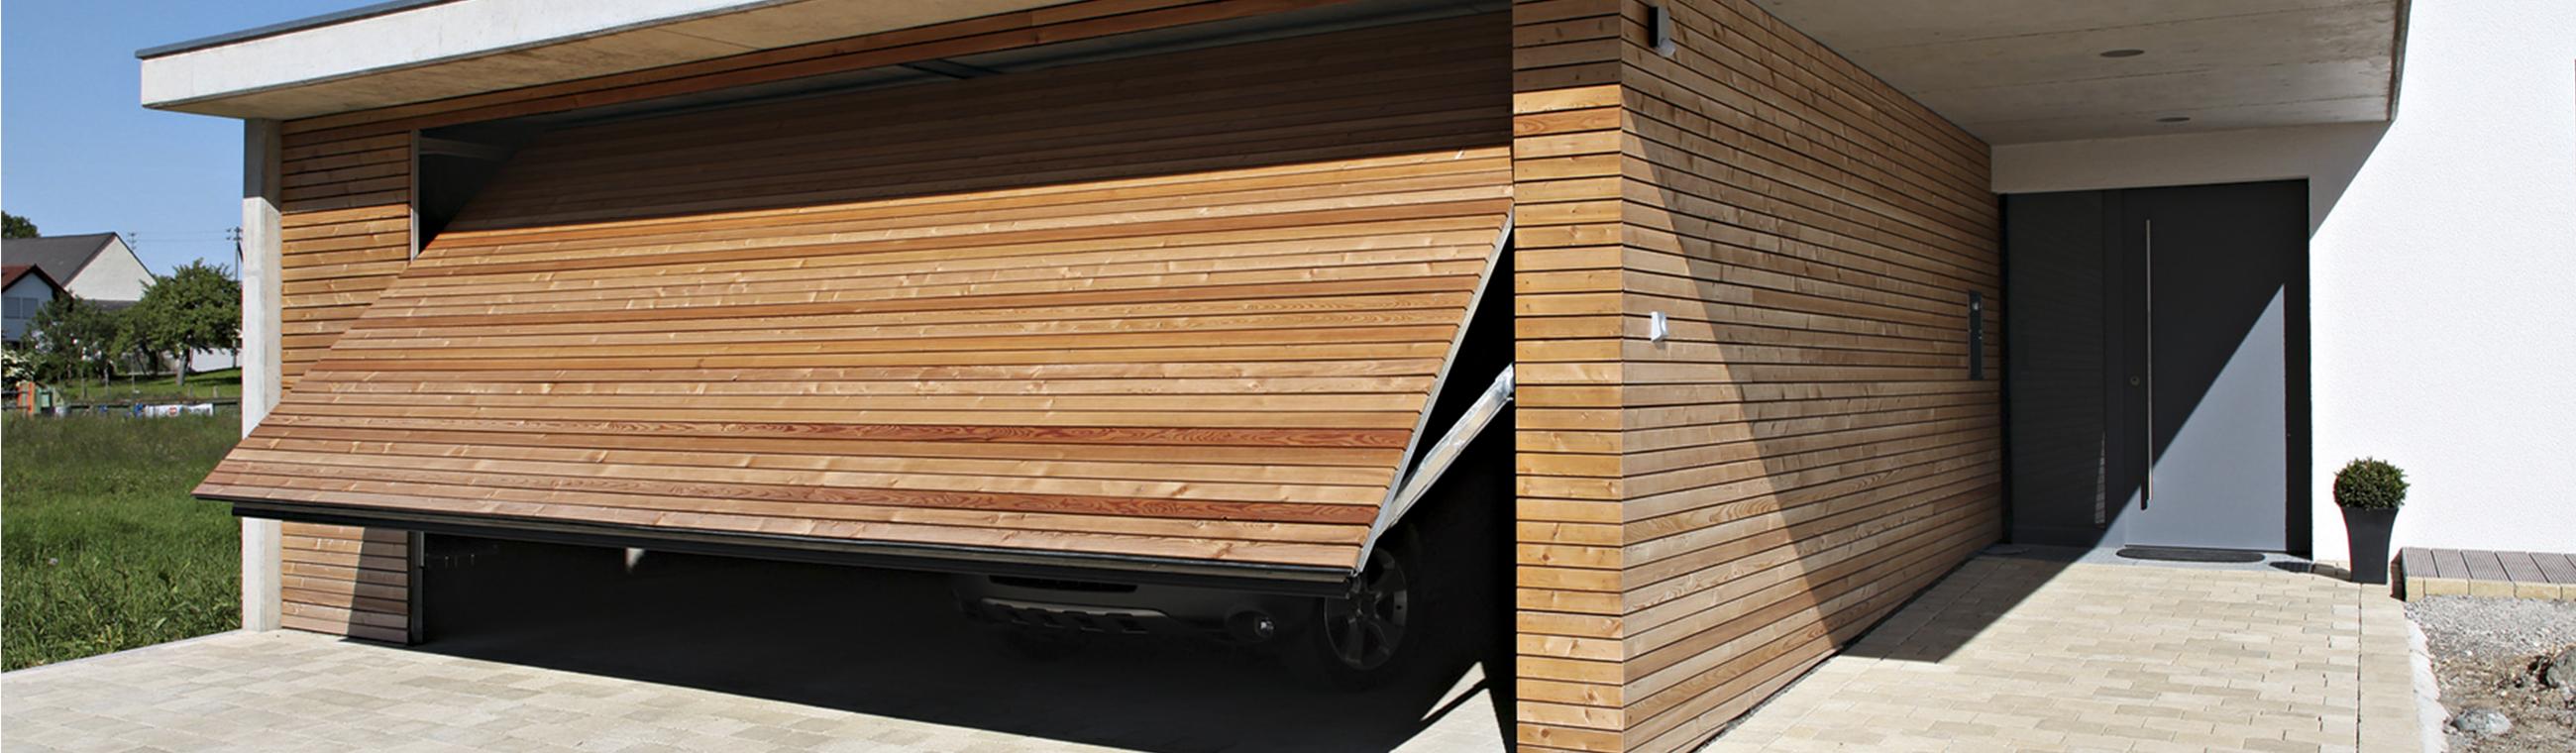 Garagentor holz zweiflügelig  Garagentore - individuelle Lösungen von RUKU